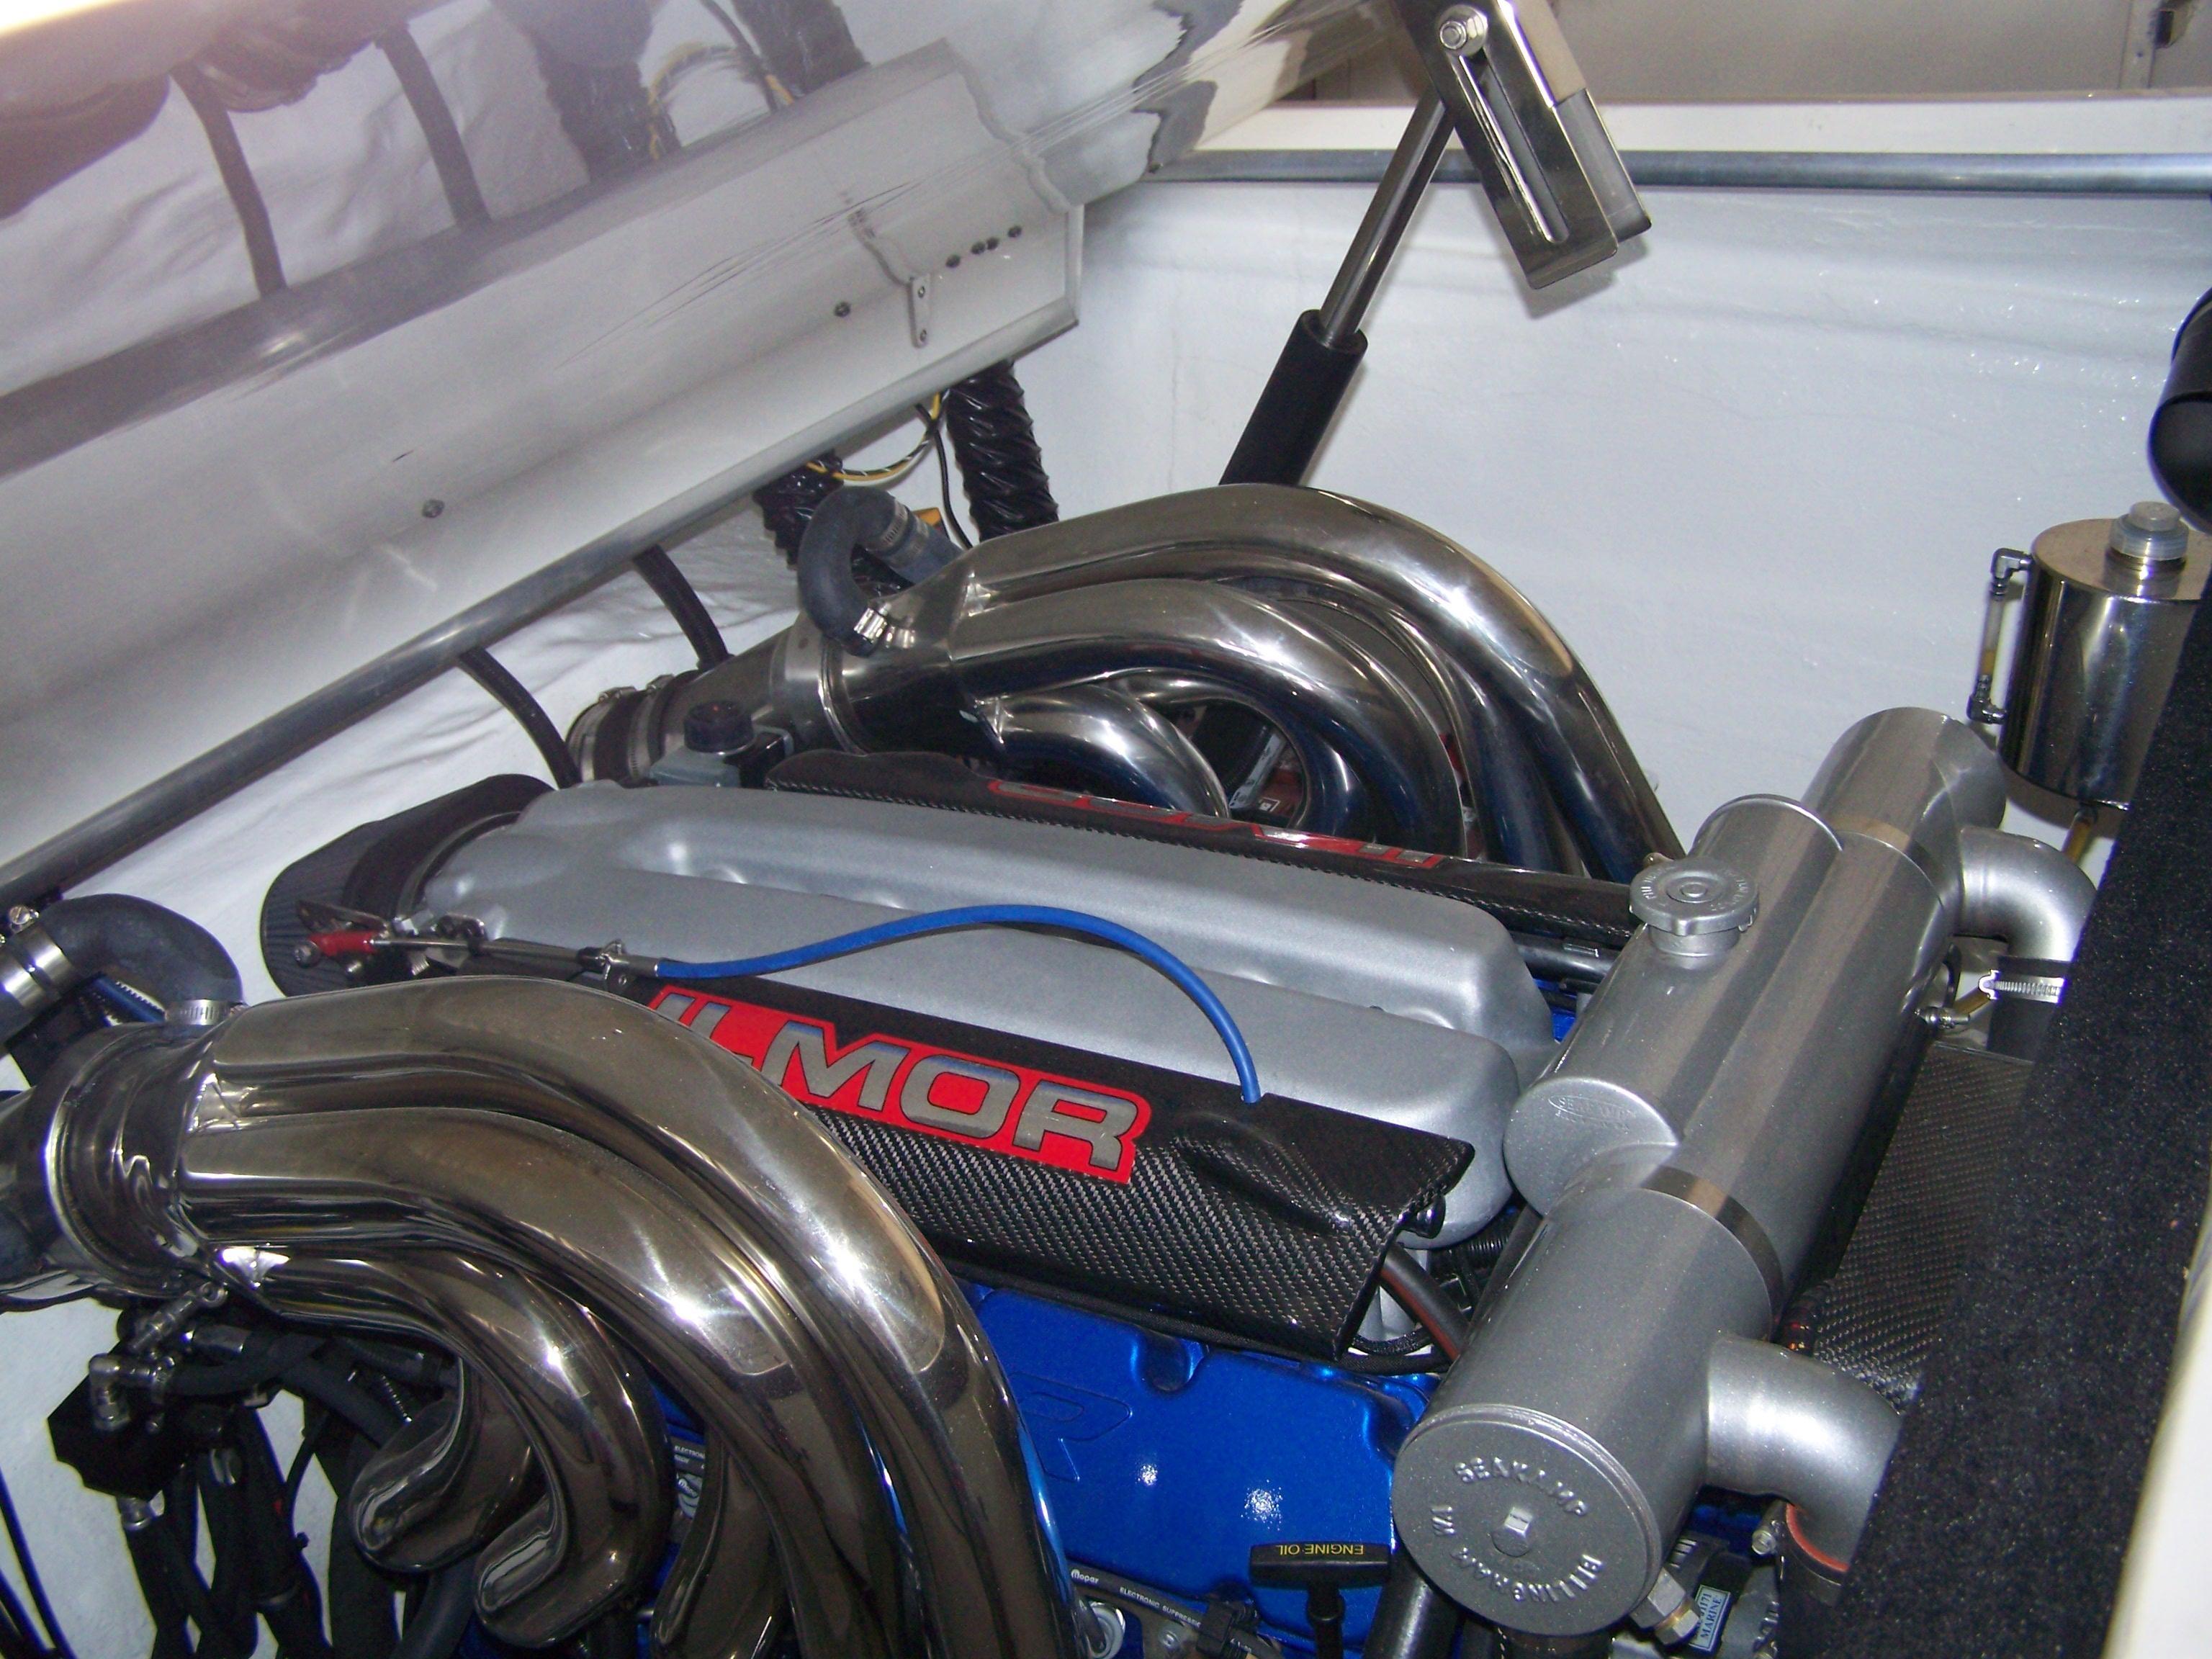 Extreme Speed And Marine image 2